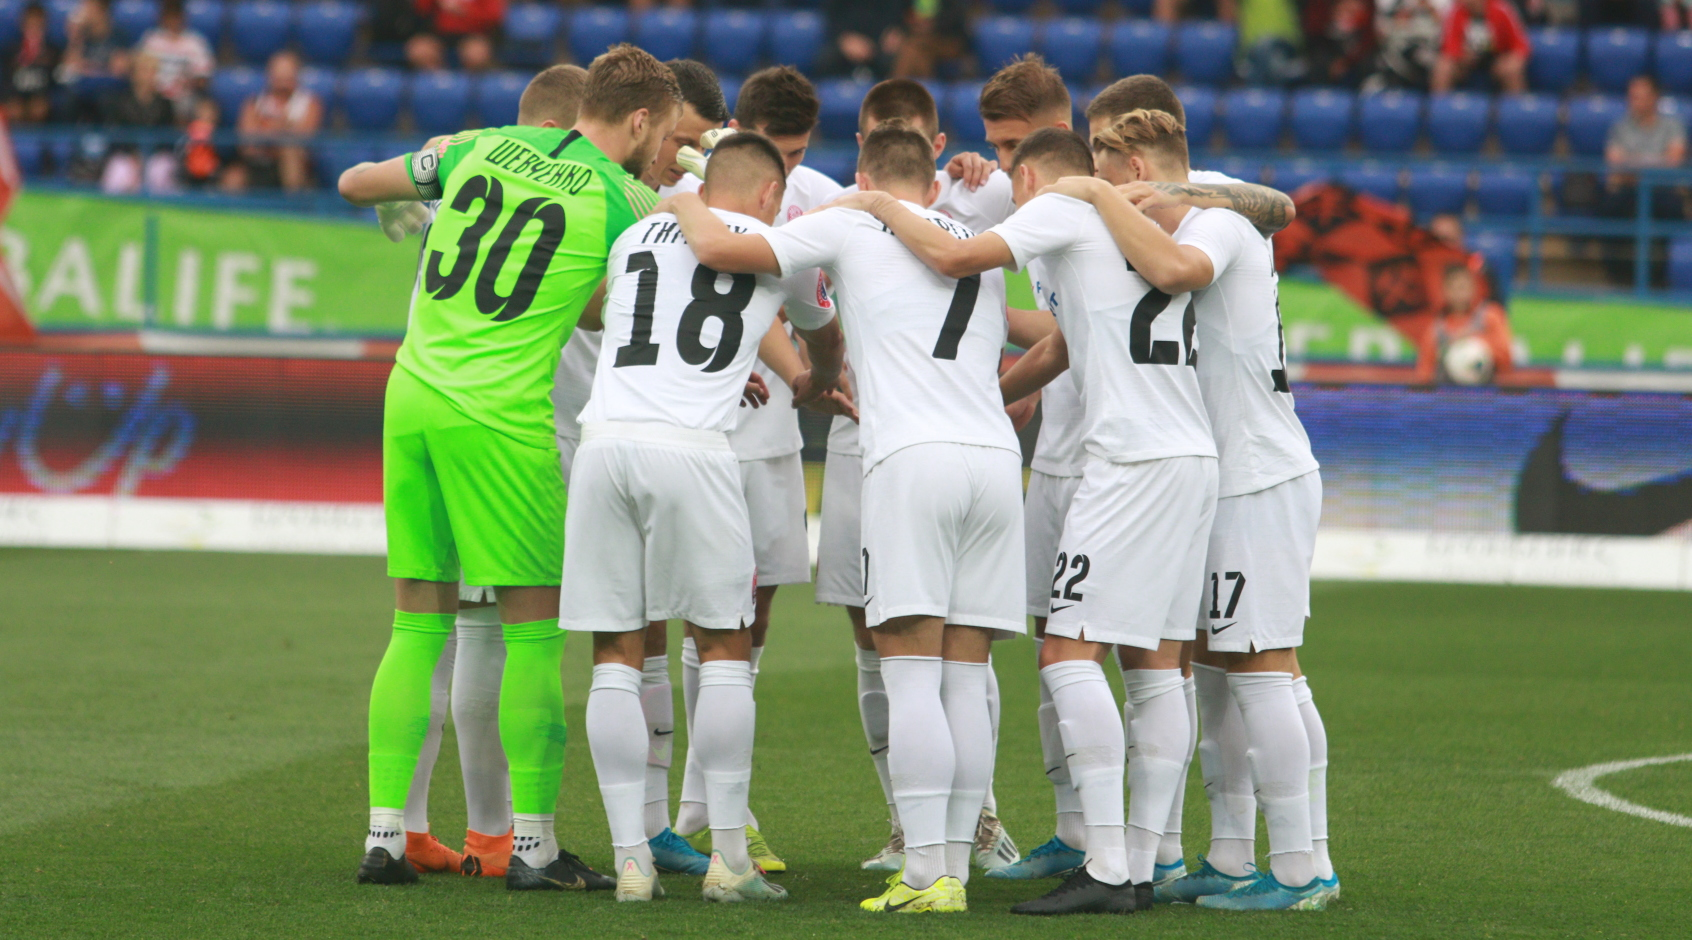 """Итоги сезона-2019/20 в УПЛ: """"Заря"""" (Луганск)"""